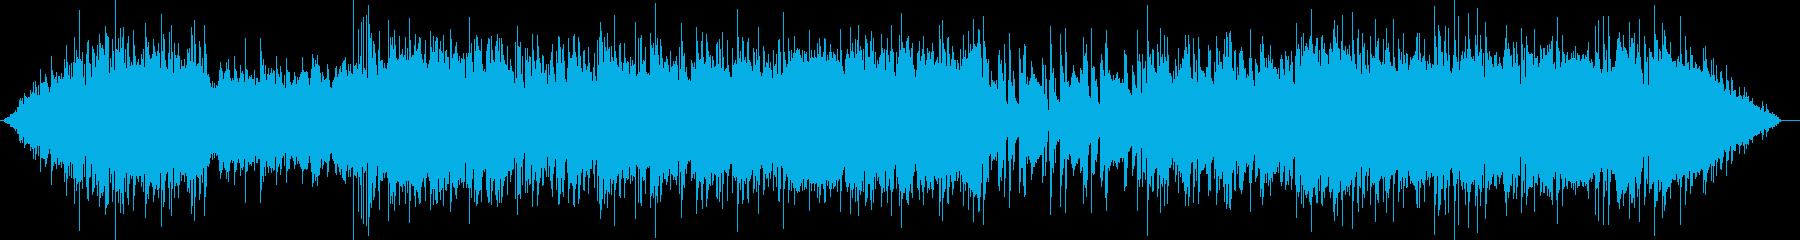 エレキギターが活躍するポップなBGMの再生済みの波形